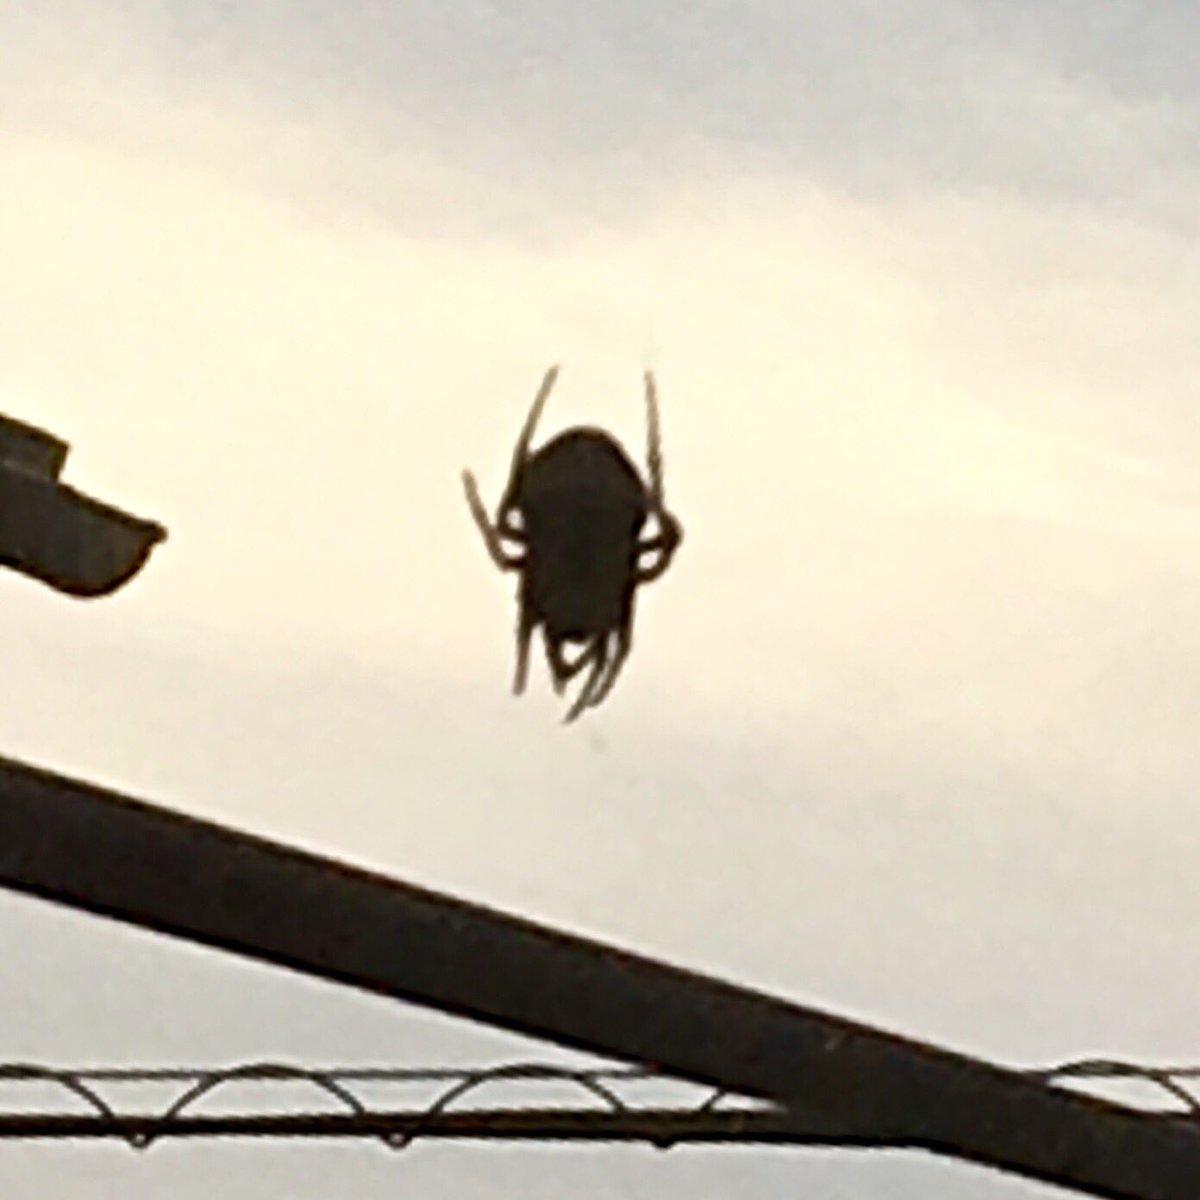 でかい 蜘蛛